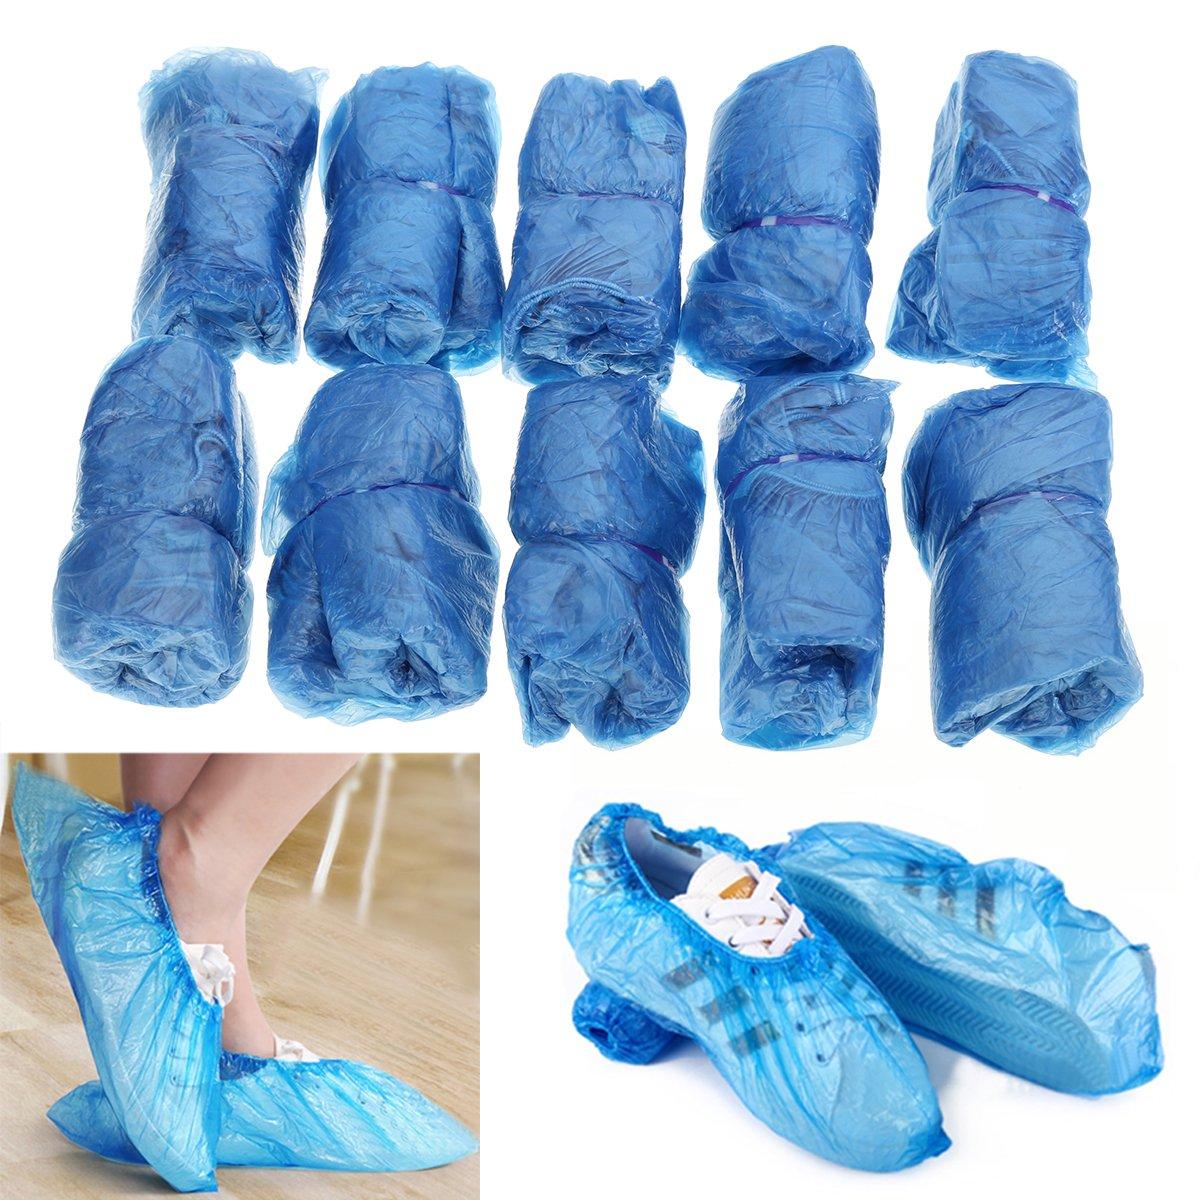 100 Pcs Blue Plastic Shoe Covers Disposable